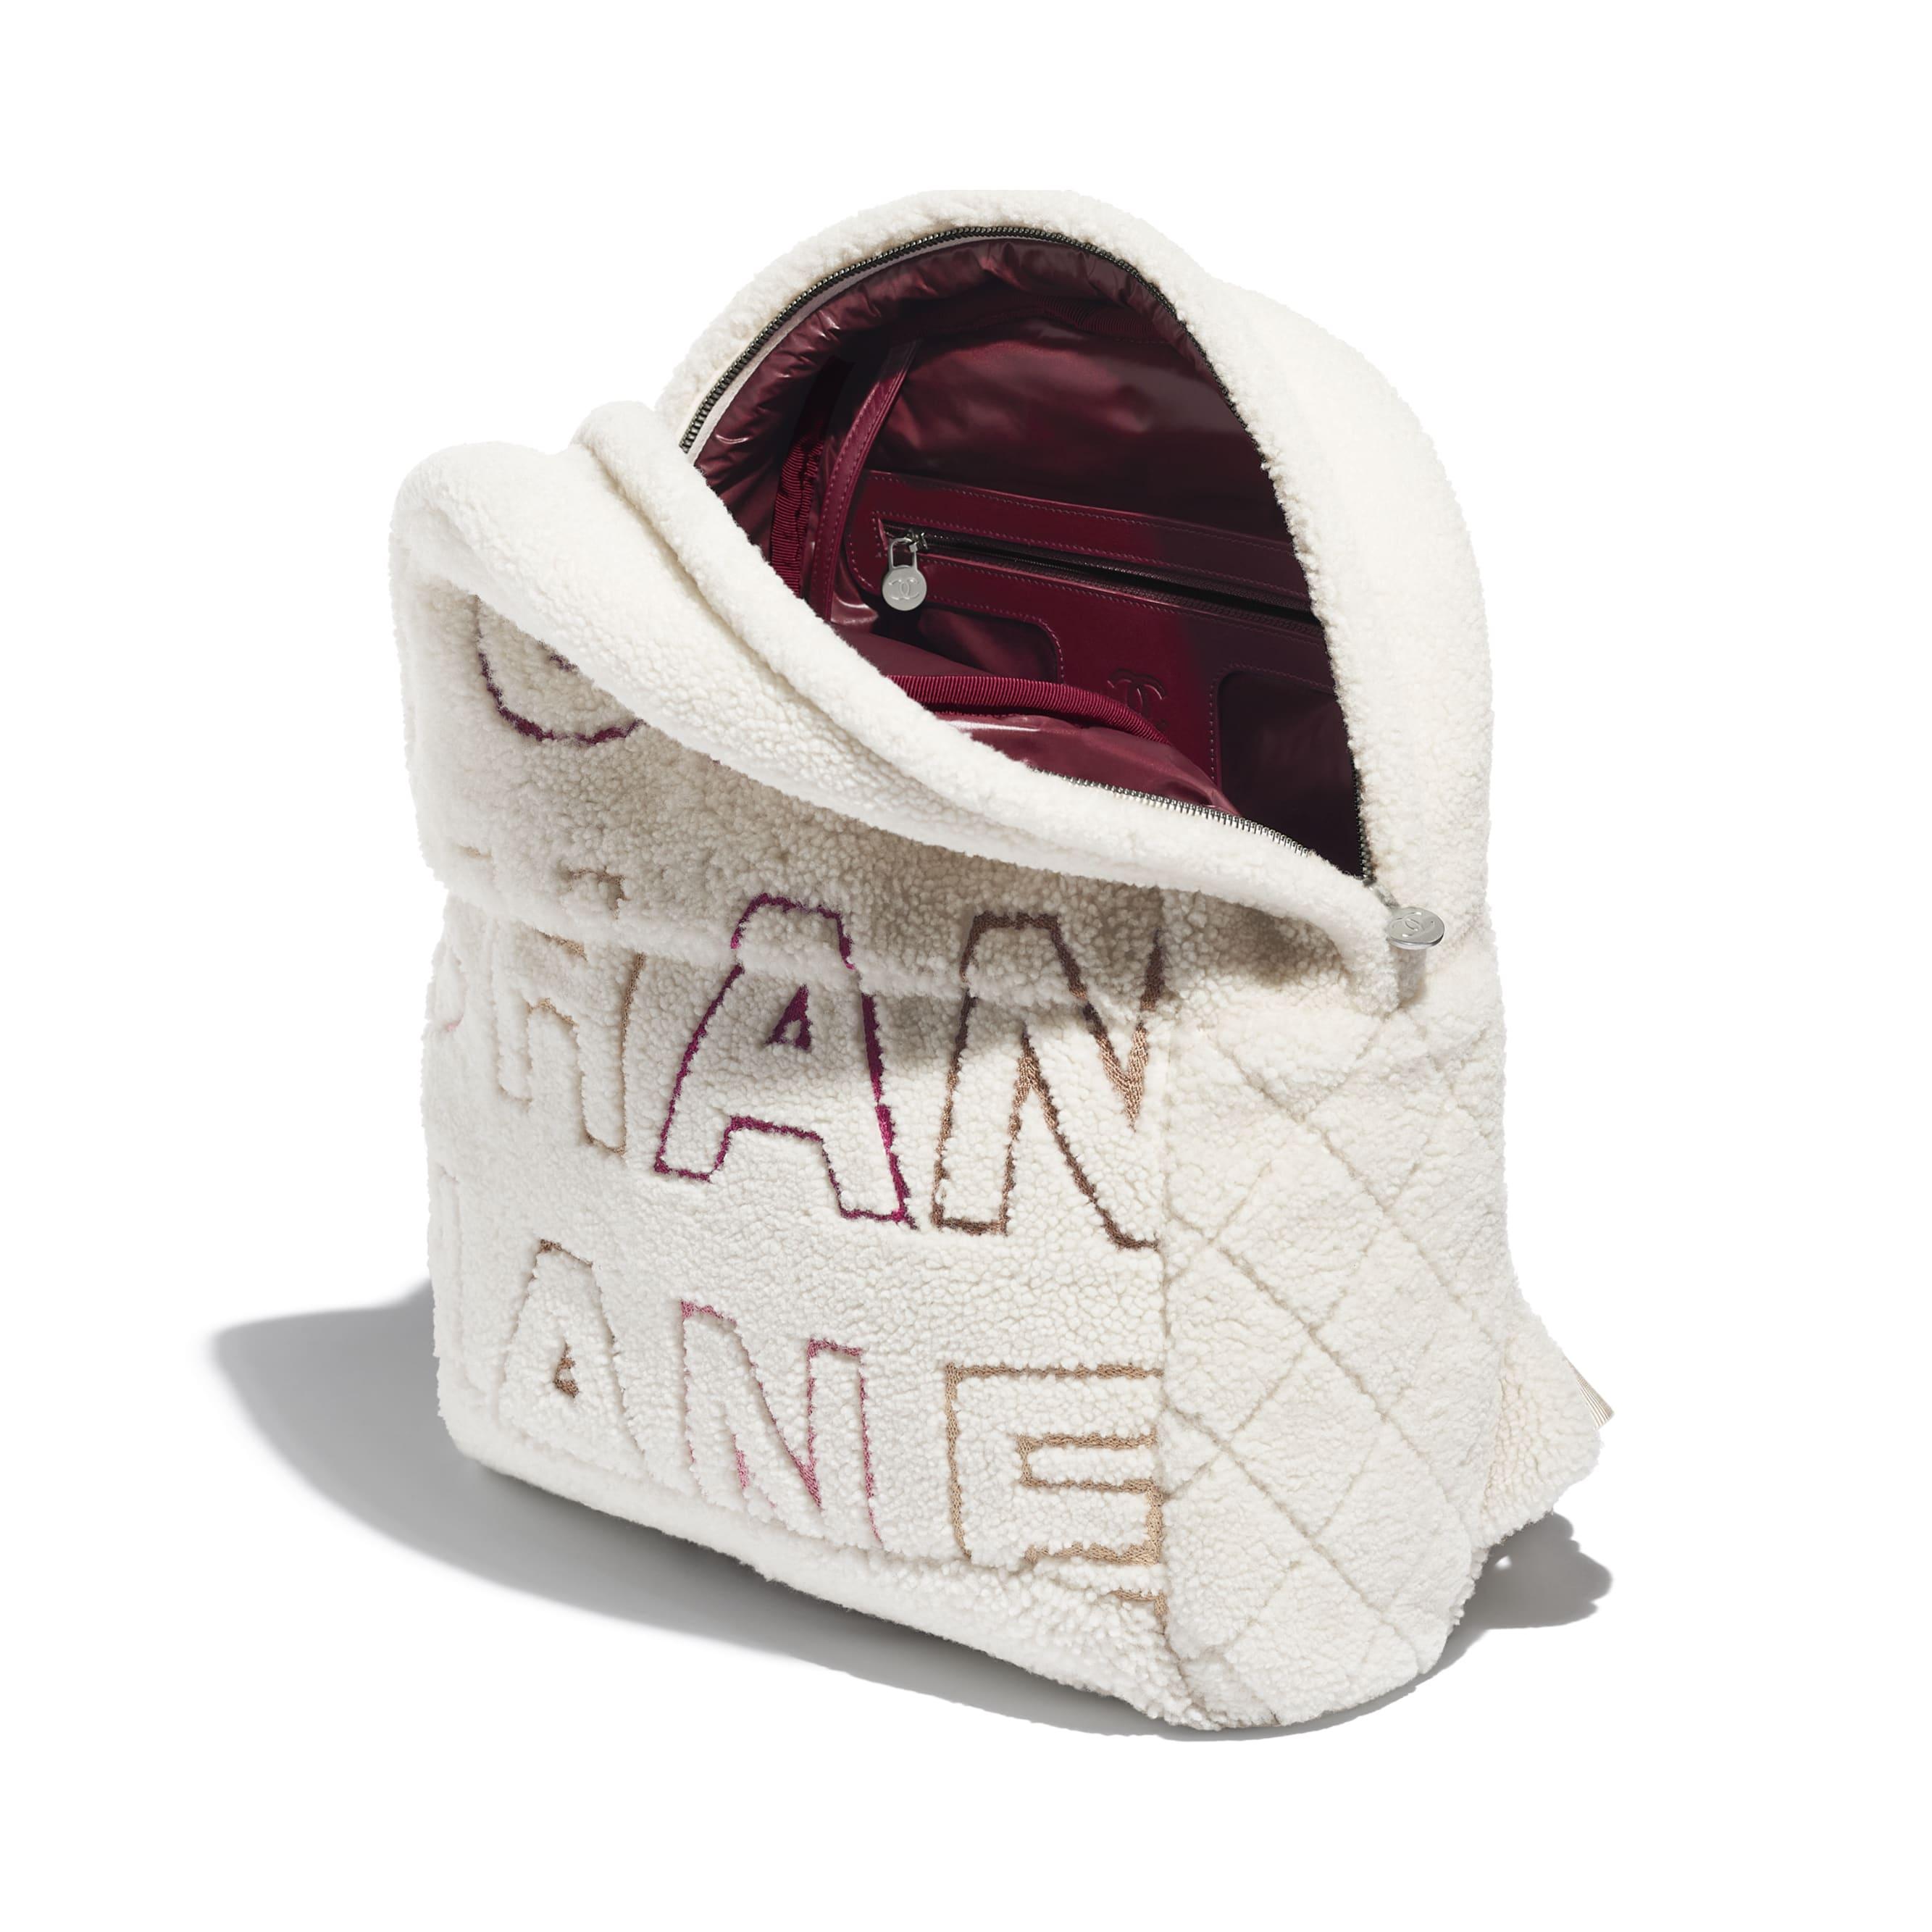 Рюкзак - Белый, бордовый и бежевый - Овчина и серебристый металл - Другое изображение - посмотреть изображение стандартного размера